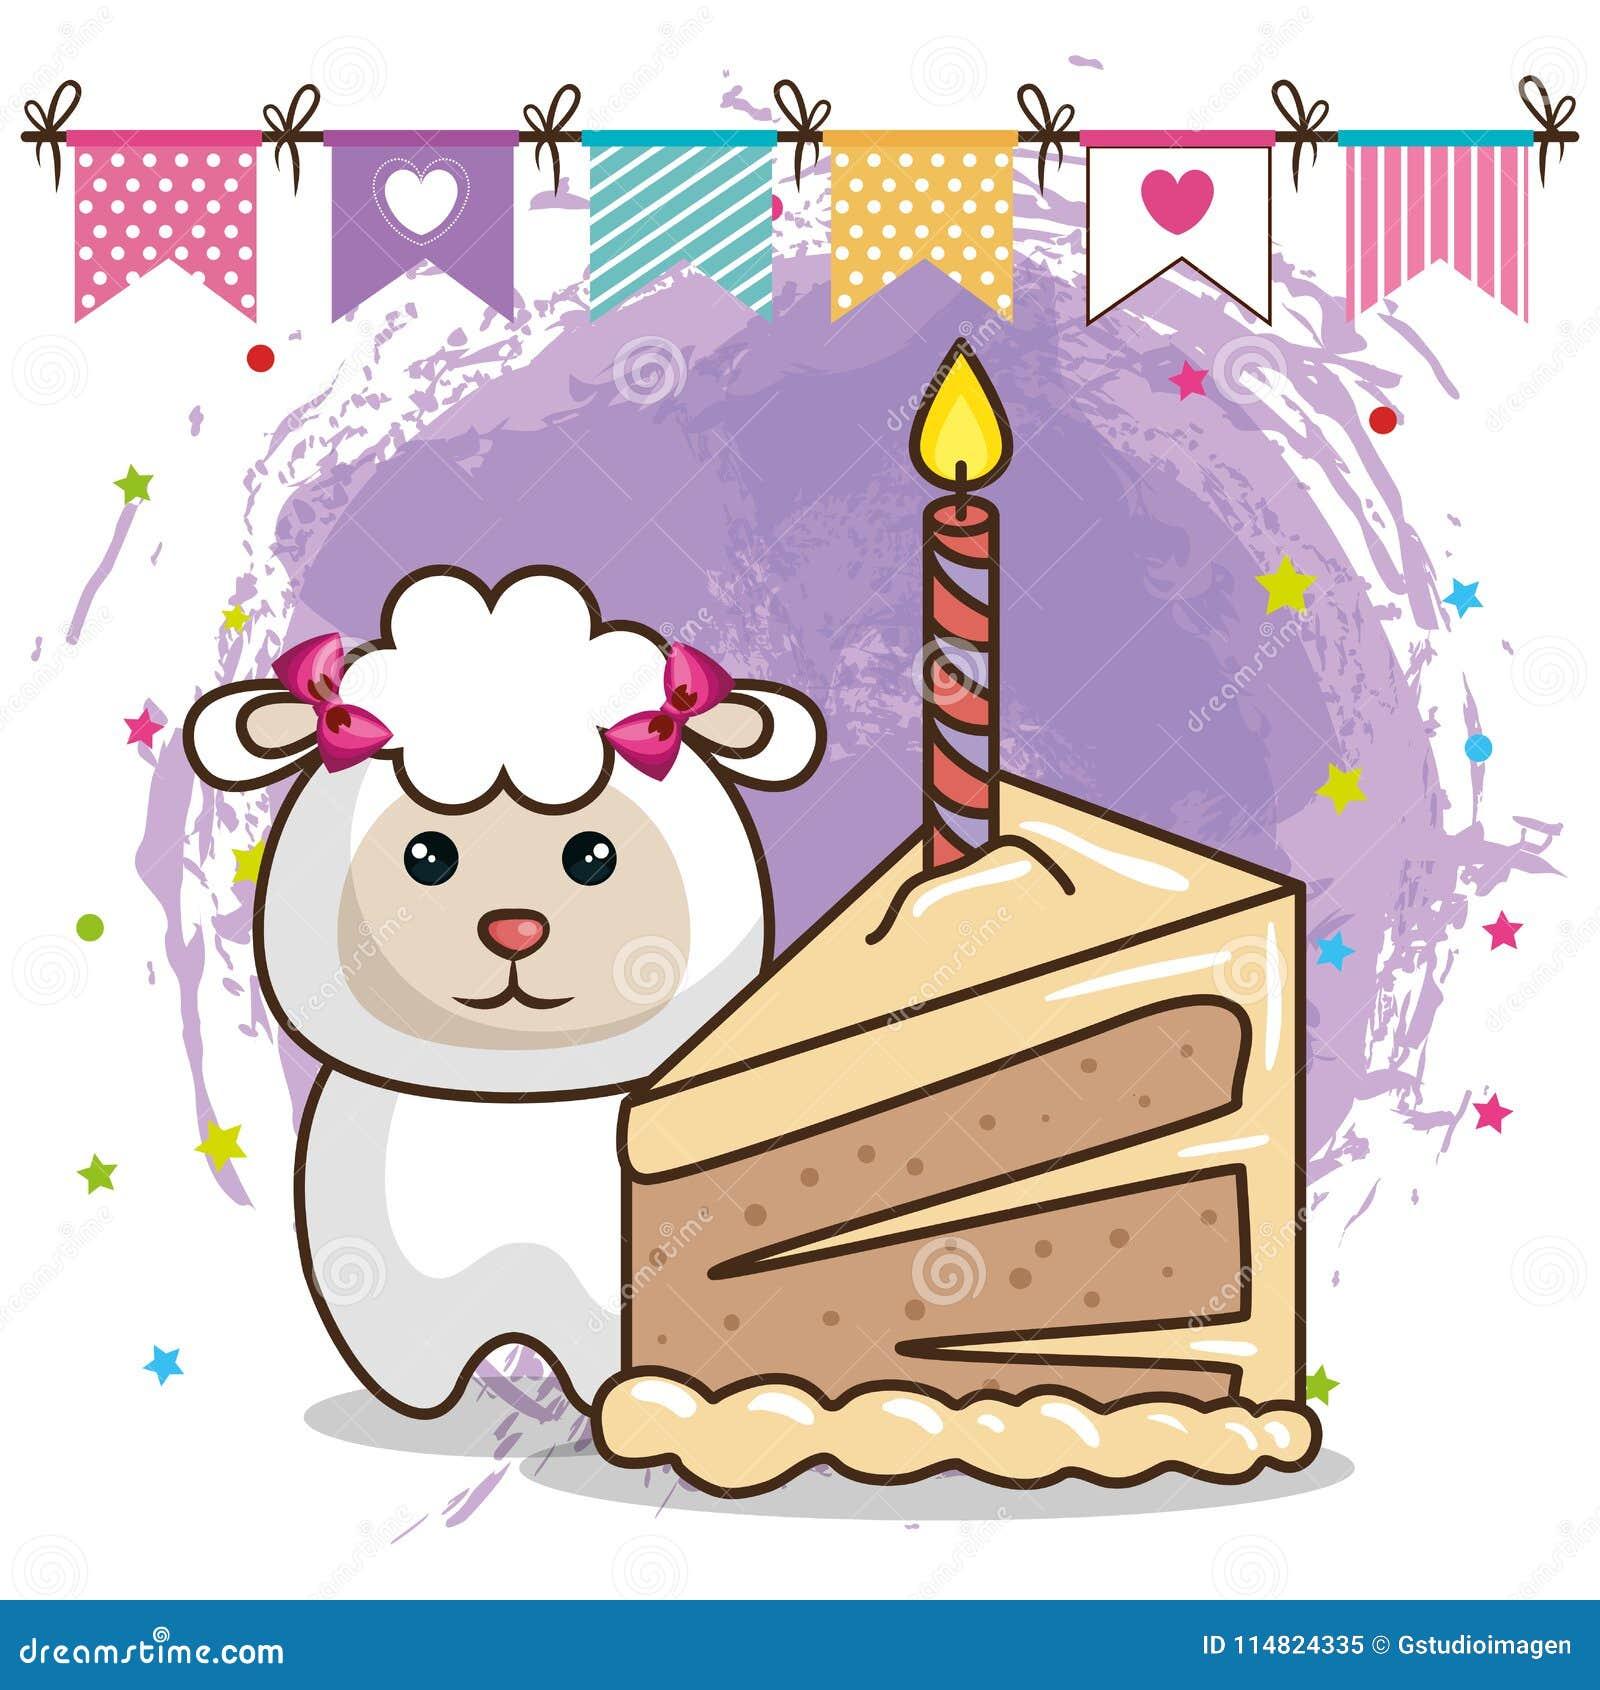 Картинка барашек день рождения увидела